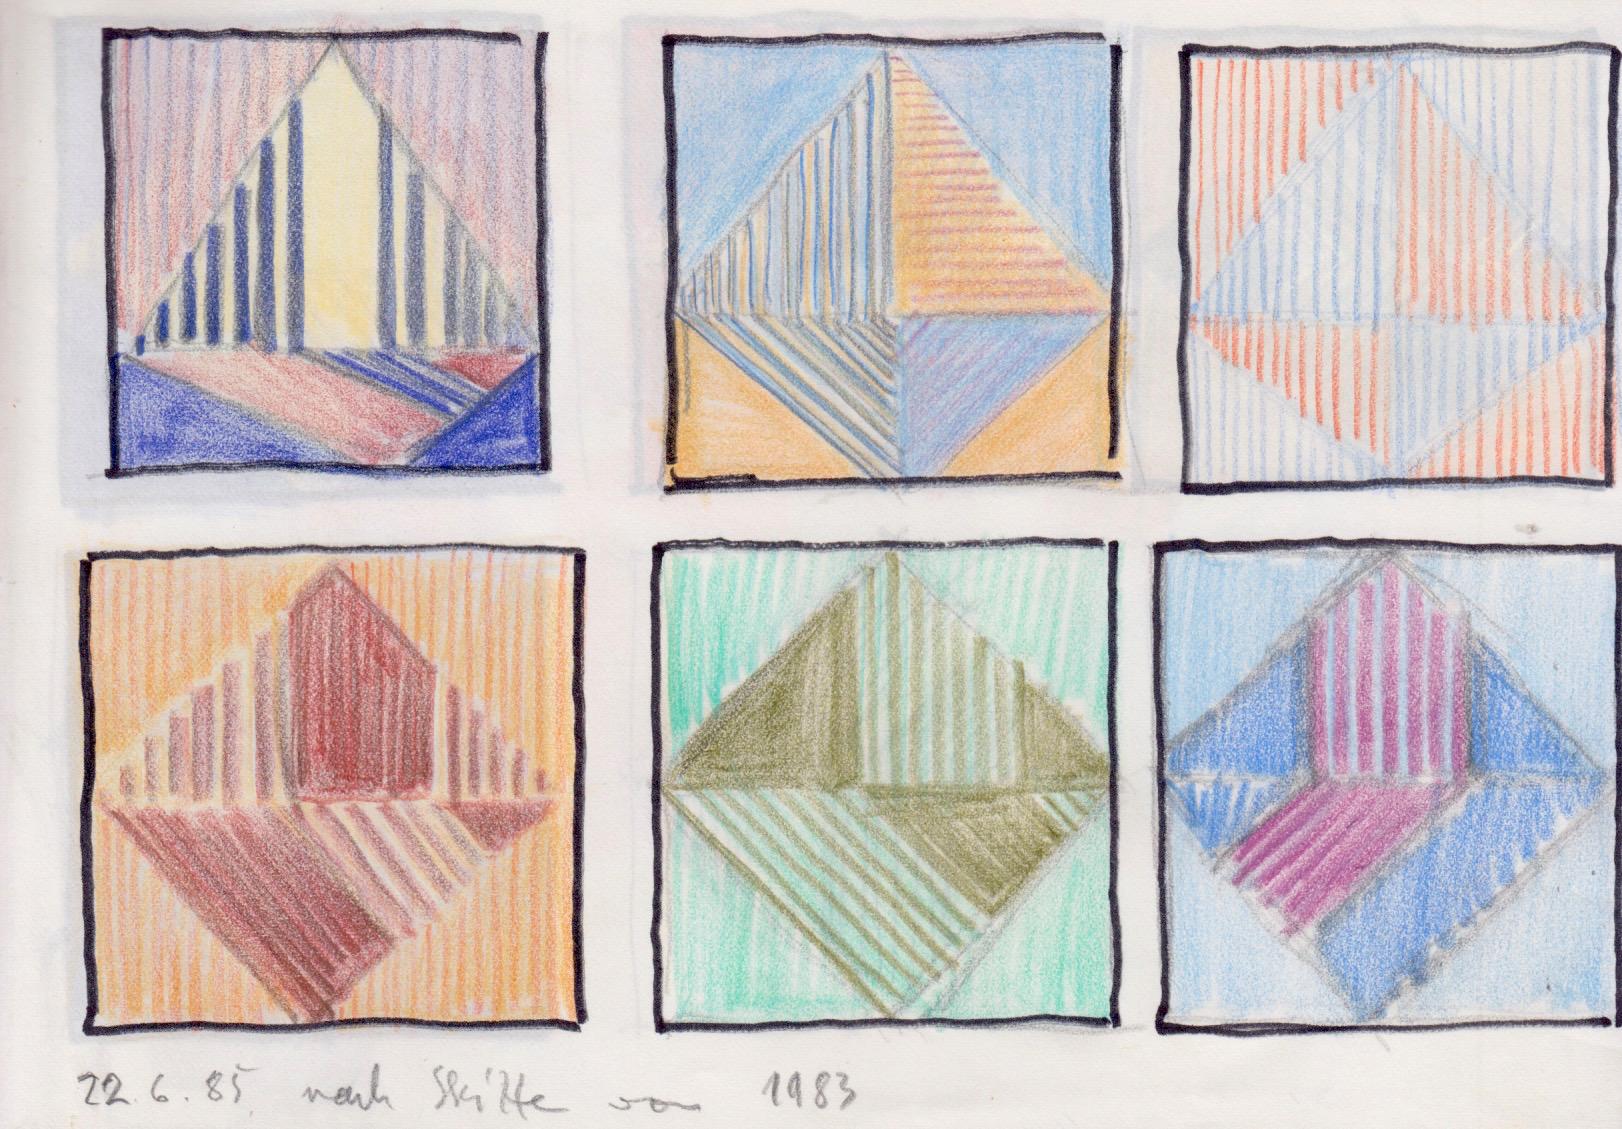 Entwurf Formen farbig 1983